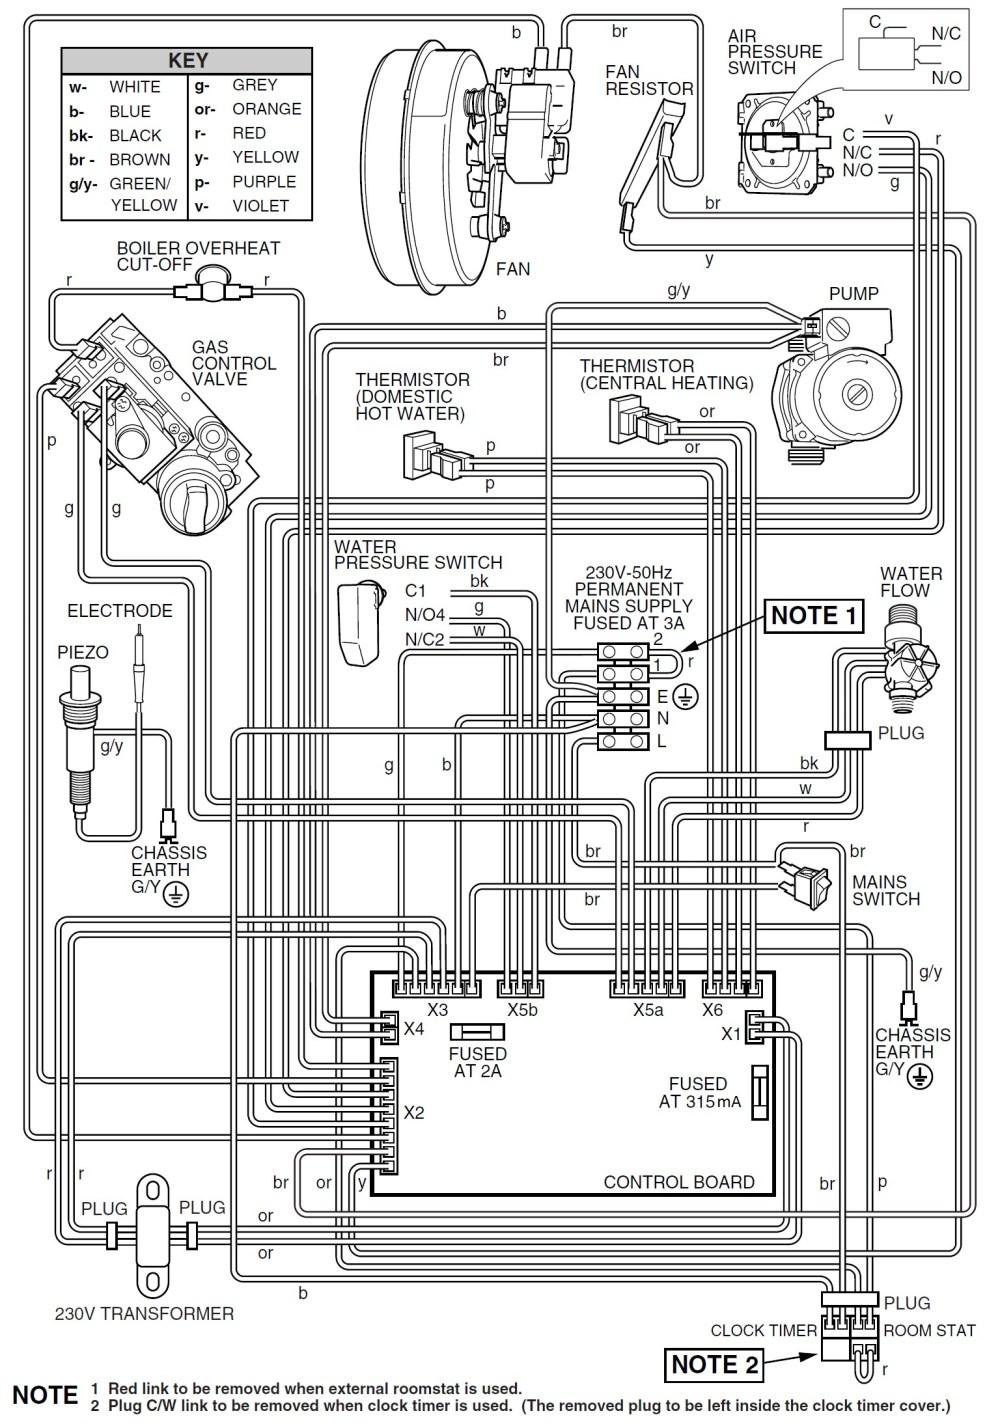 medium resolution of schematic wiring diagram